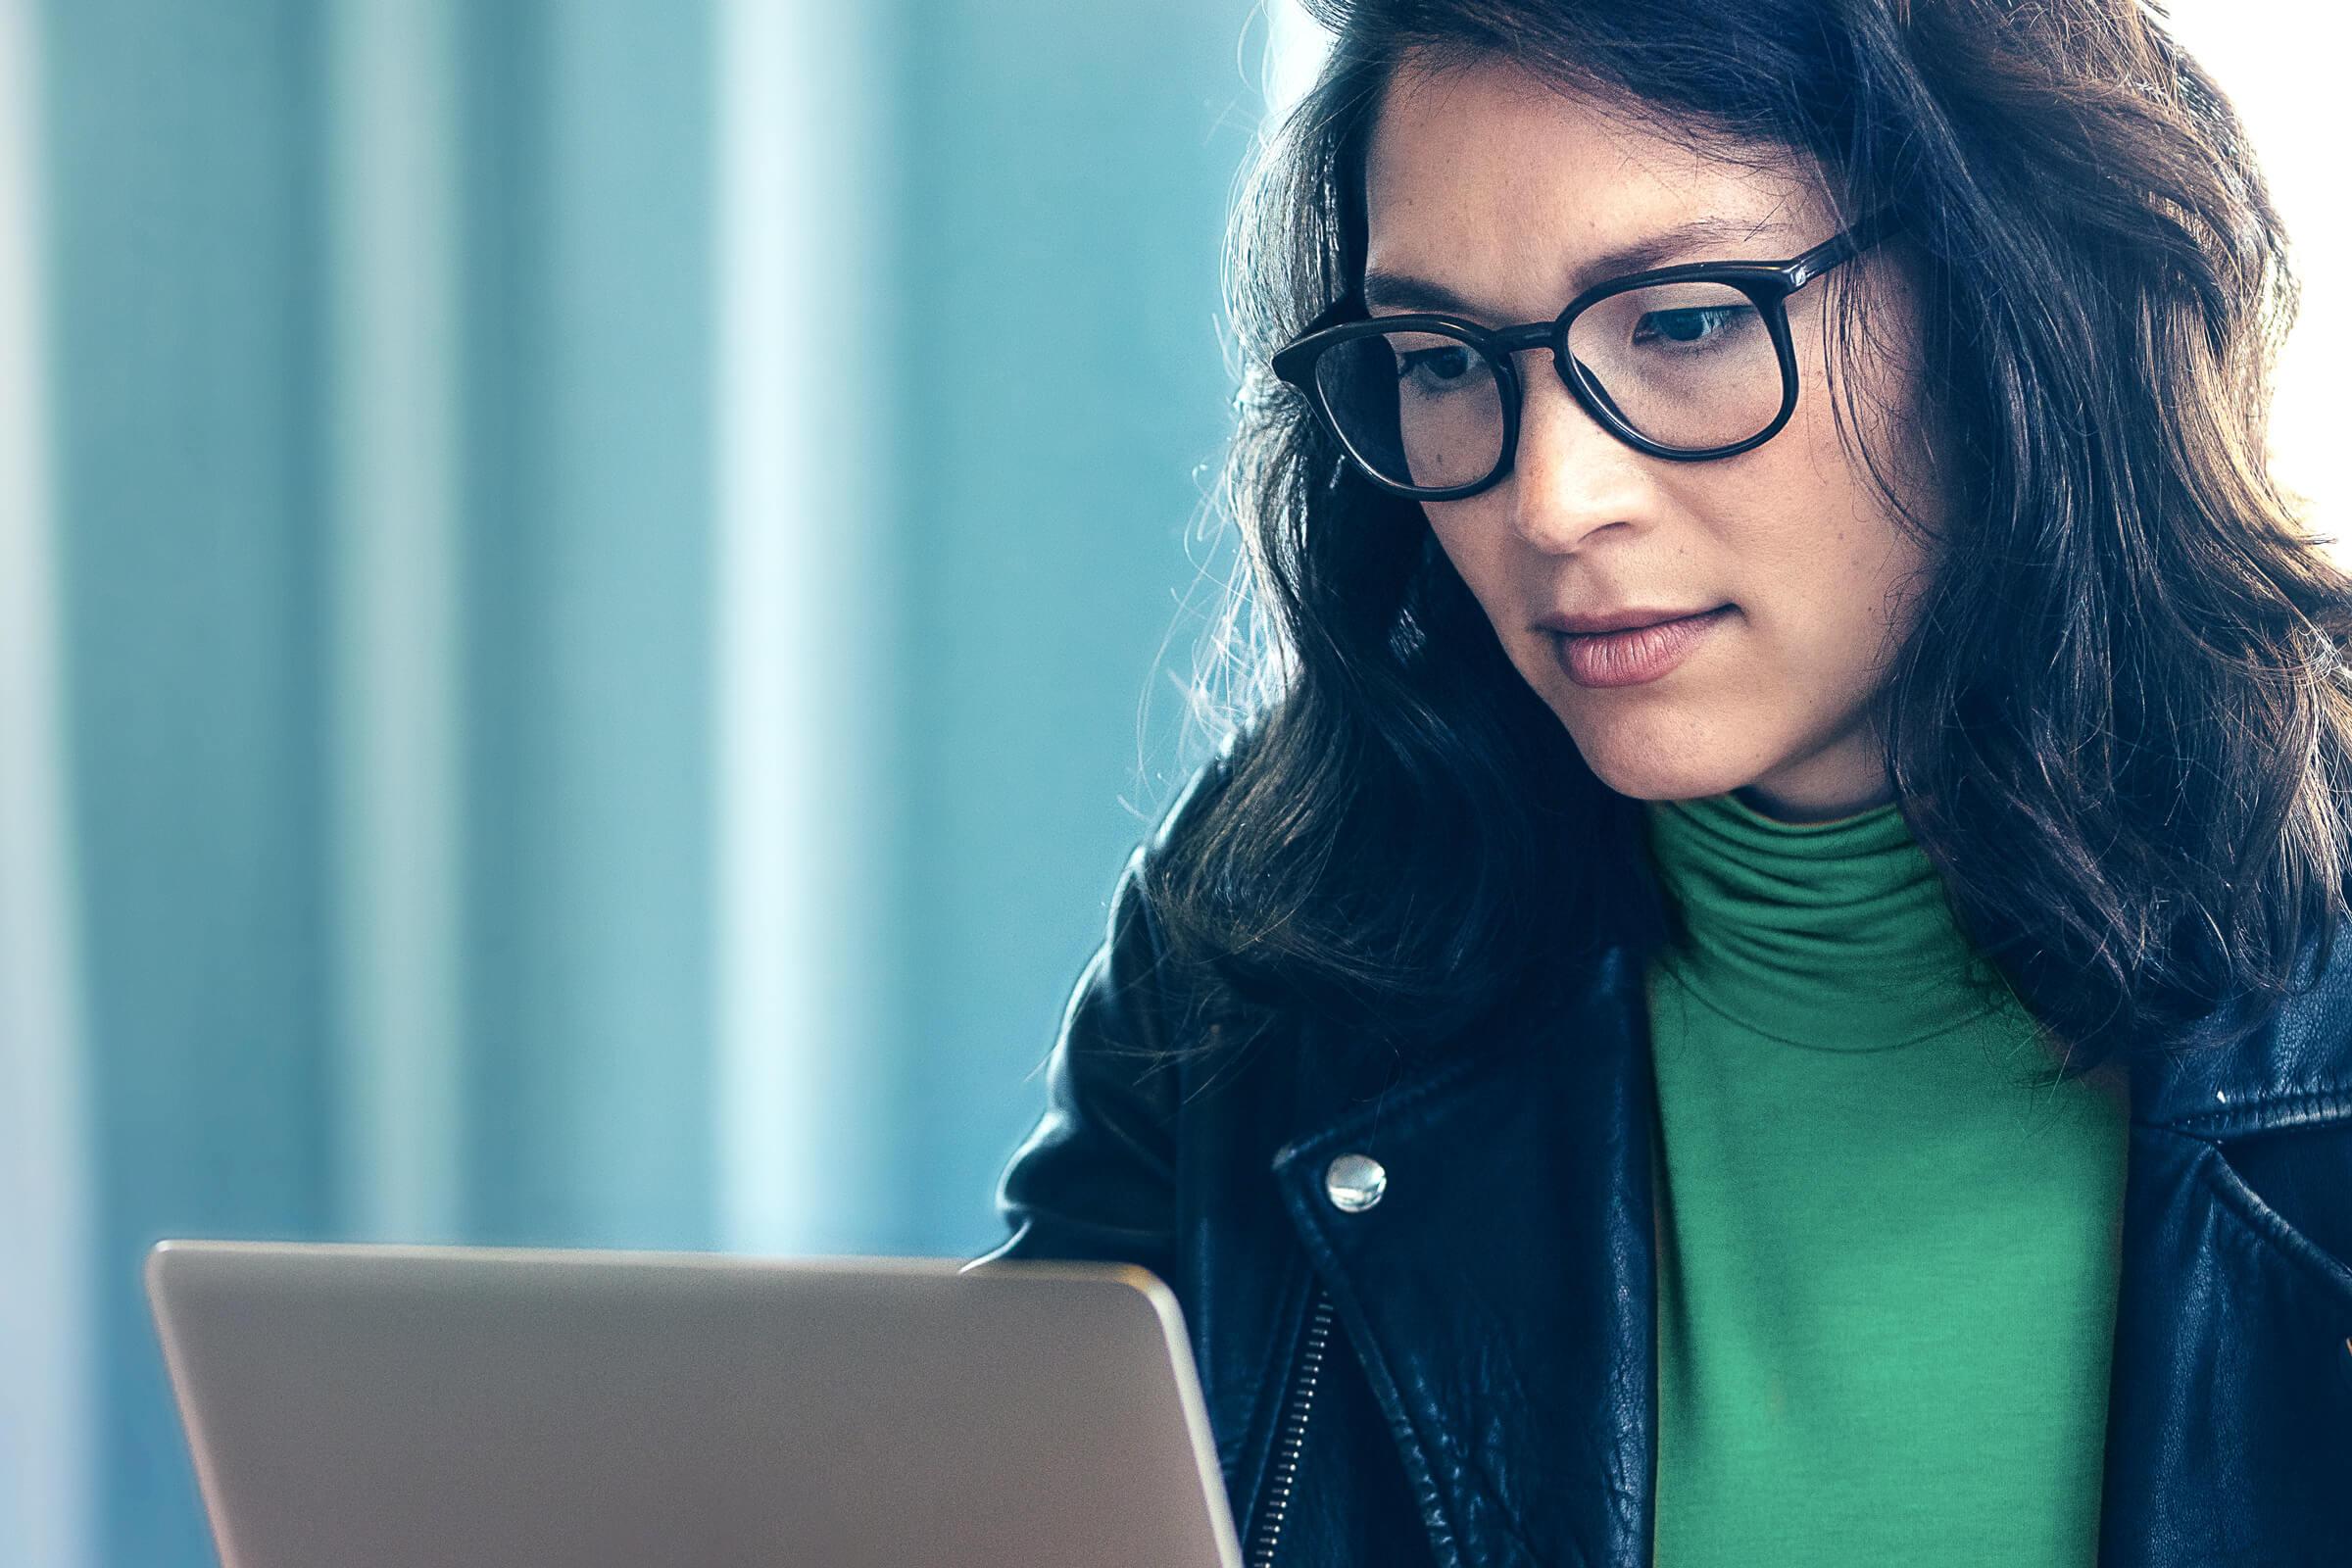 Investorka s brýlemi která si právě otevírá investiční účet prostřednictvím online brokera LYNX